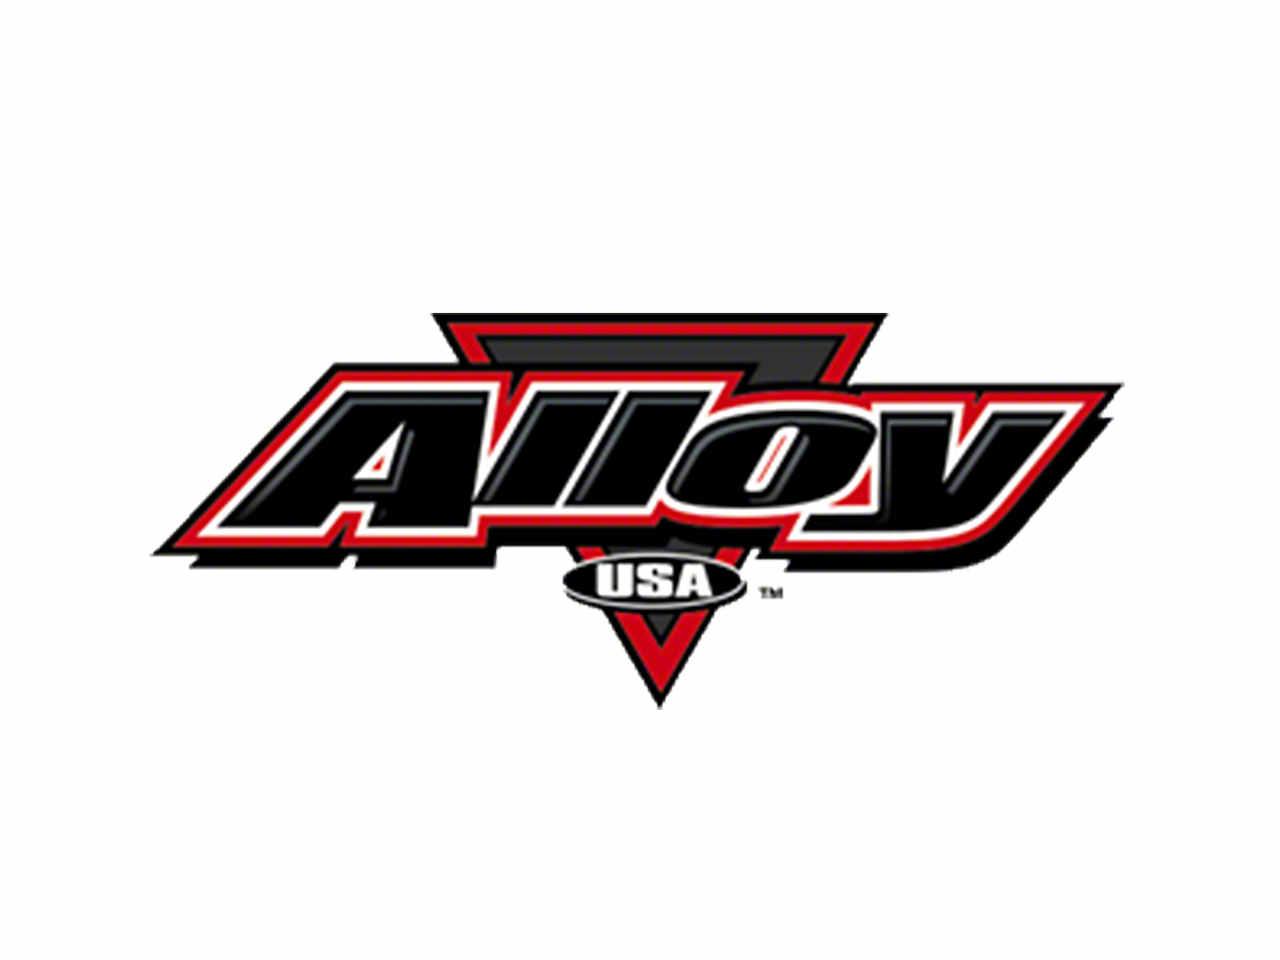 Alloy USA